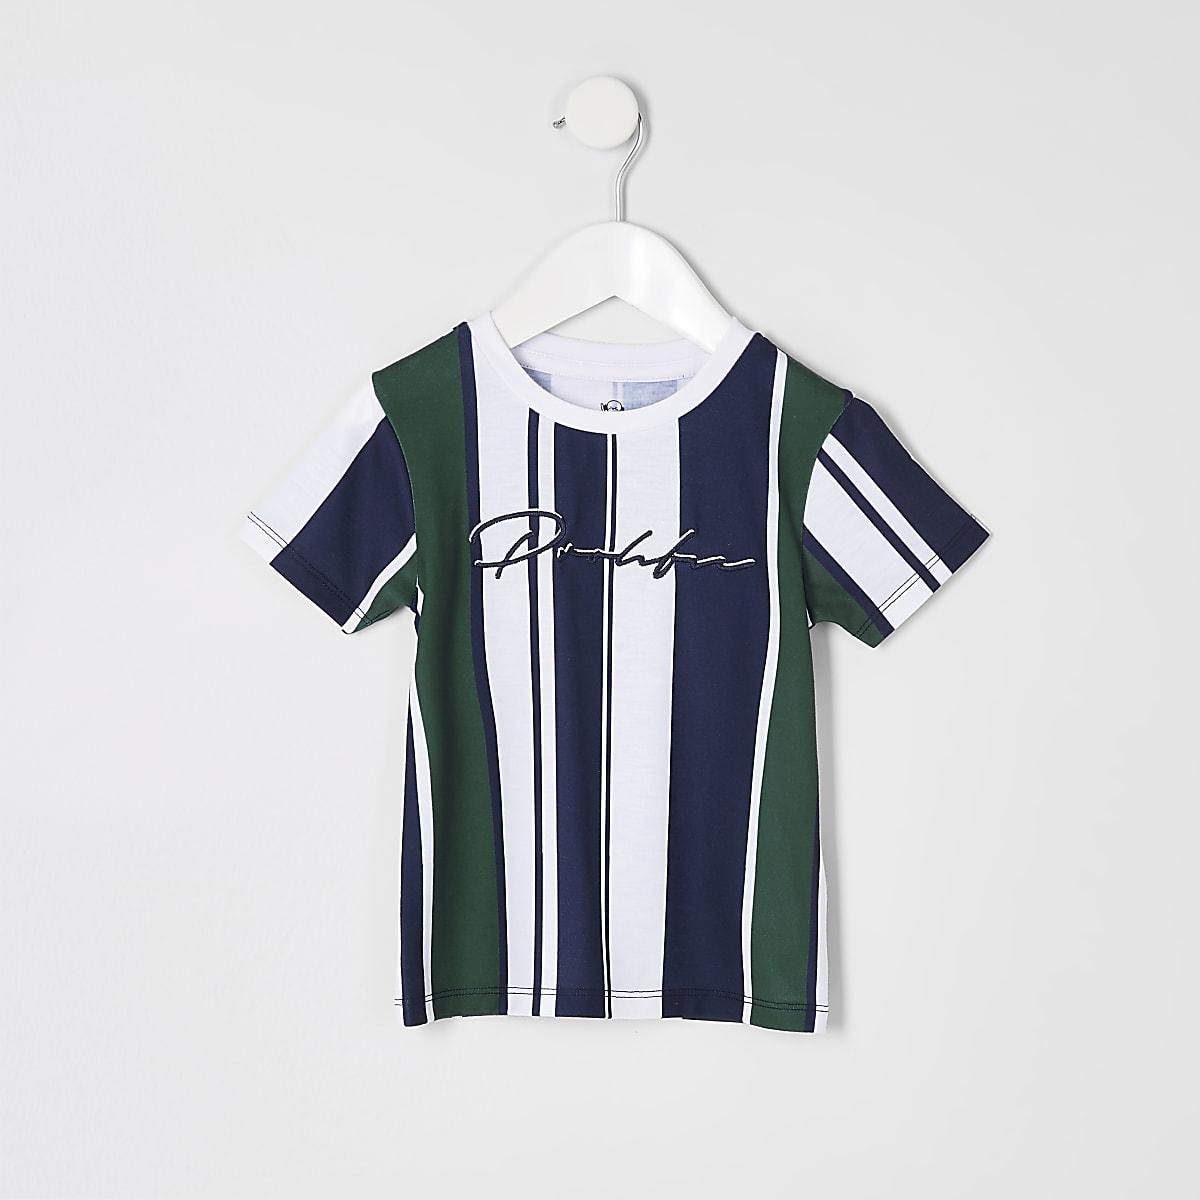 Mini - Marineblauw gestreept T-shirt met 'Prolific'-print voor jongens